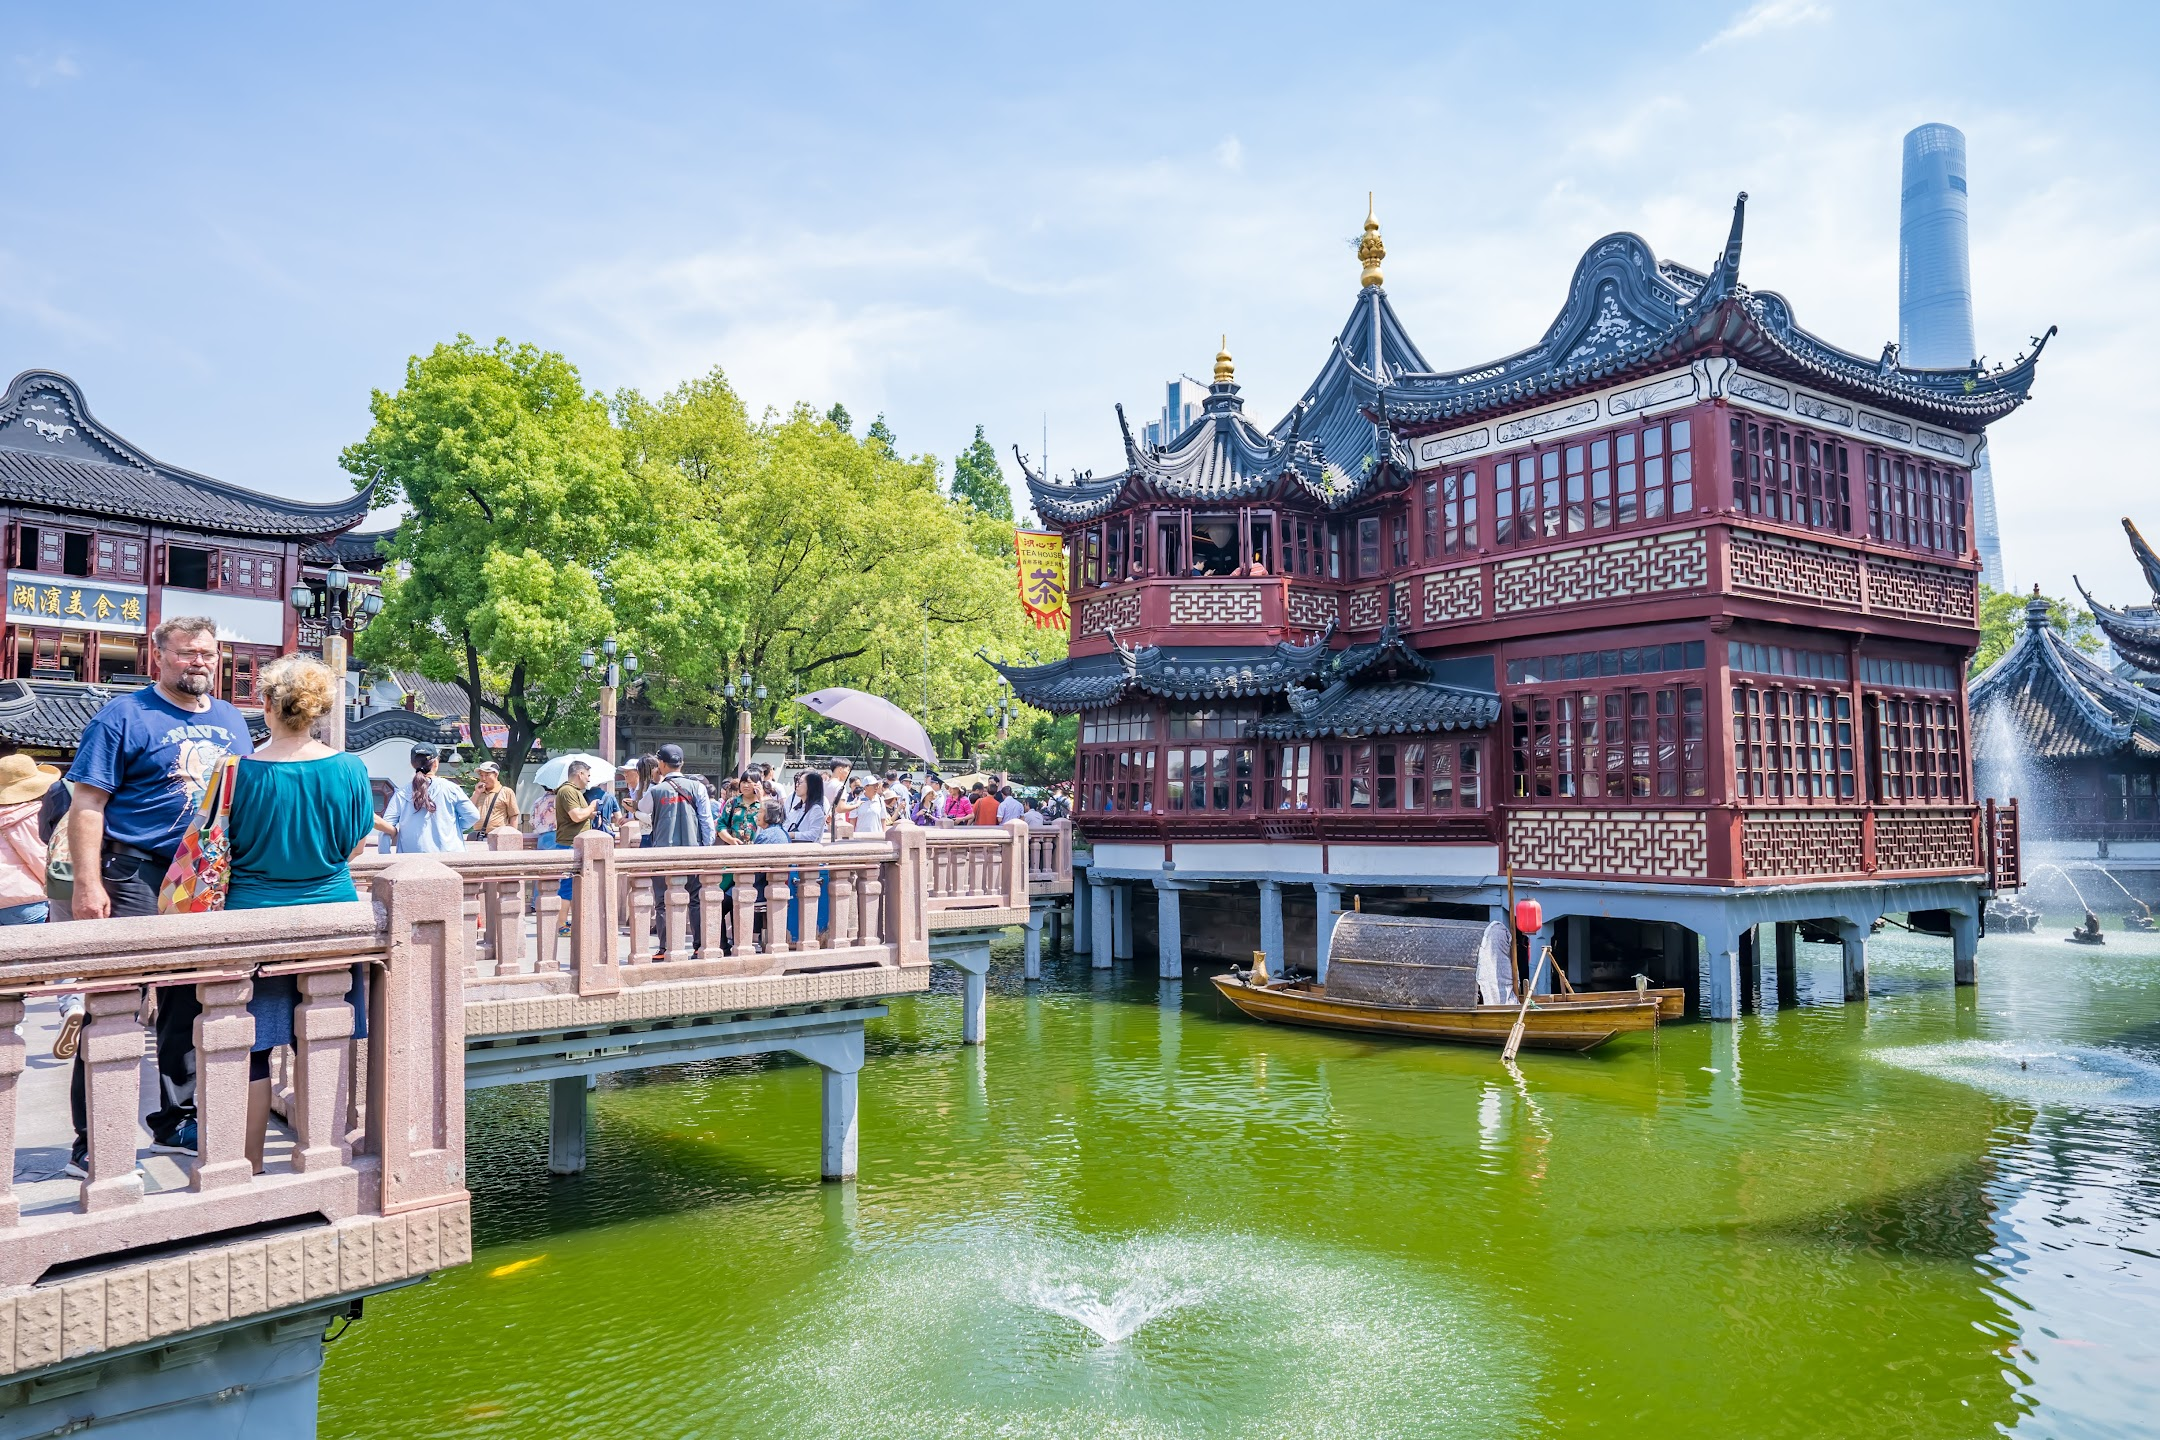 Shanghai Yuyuan Huxin Pavilion (The Mid-Lake Pavilion Teahouse)3